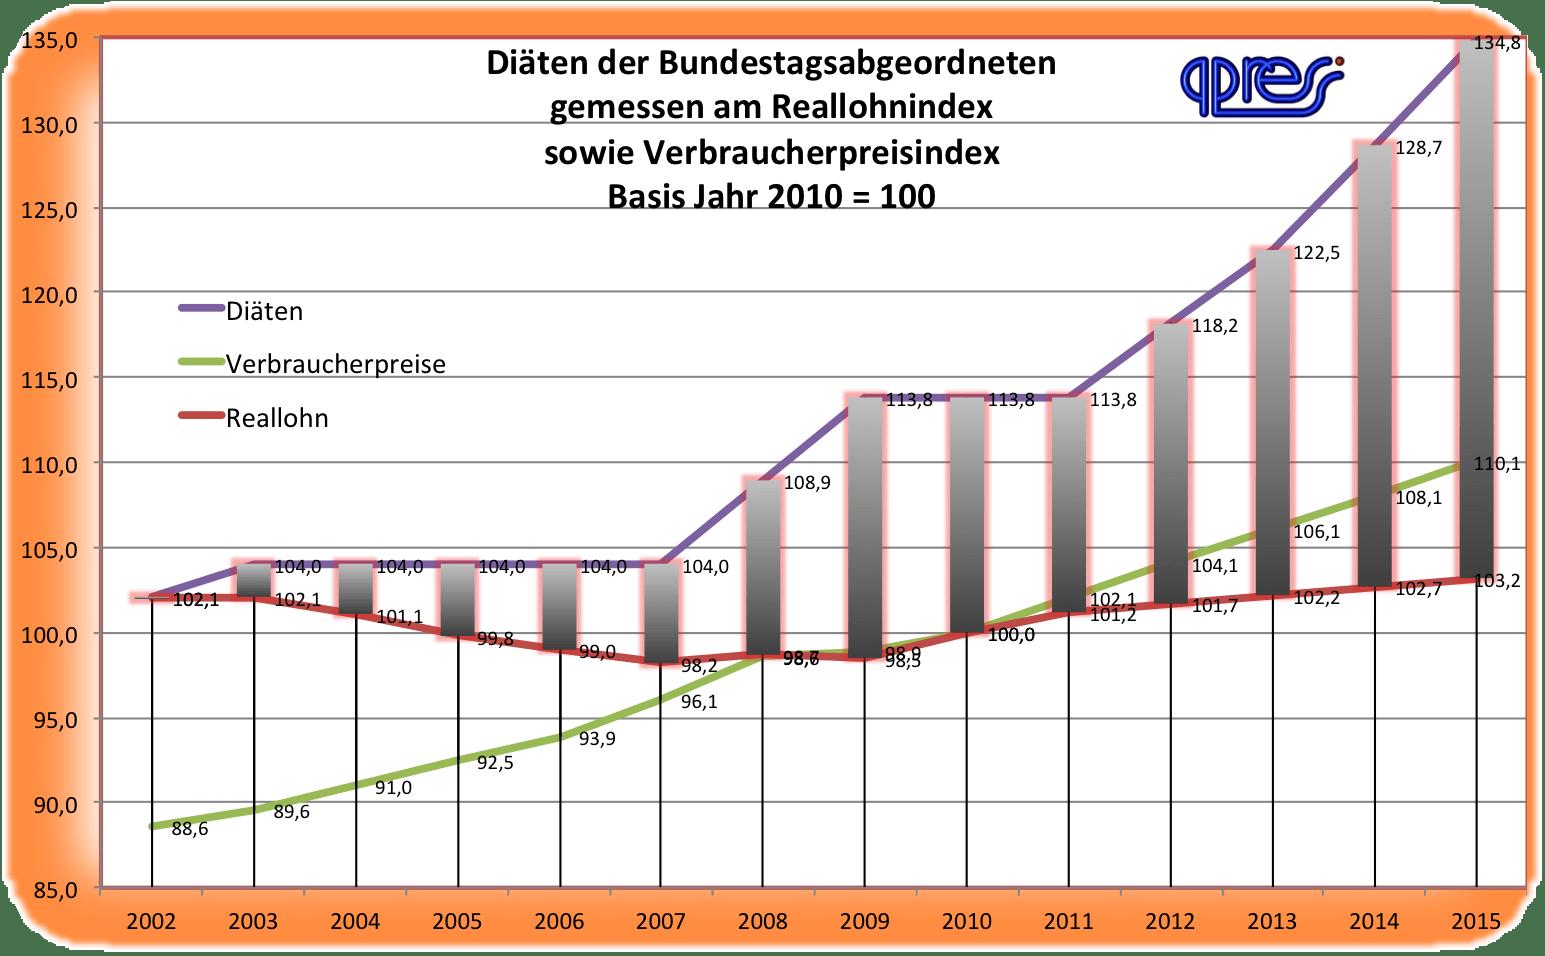 Begrenztes 10 Prozent Wirtschaftswunder durch Diäten-Mantra der Abgeordneten Diaeten Abgeordnetenentschaedigung 2002 bis 2015 gemessen an Reallohn und Verbraucherpreisen qpress